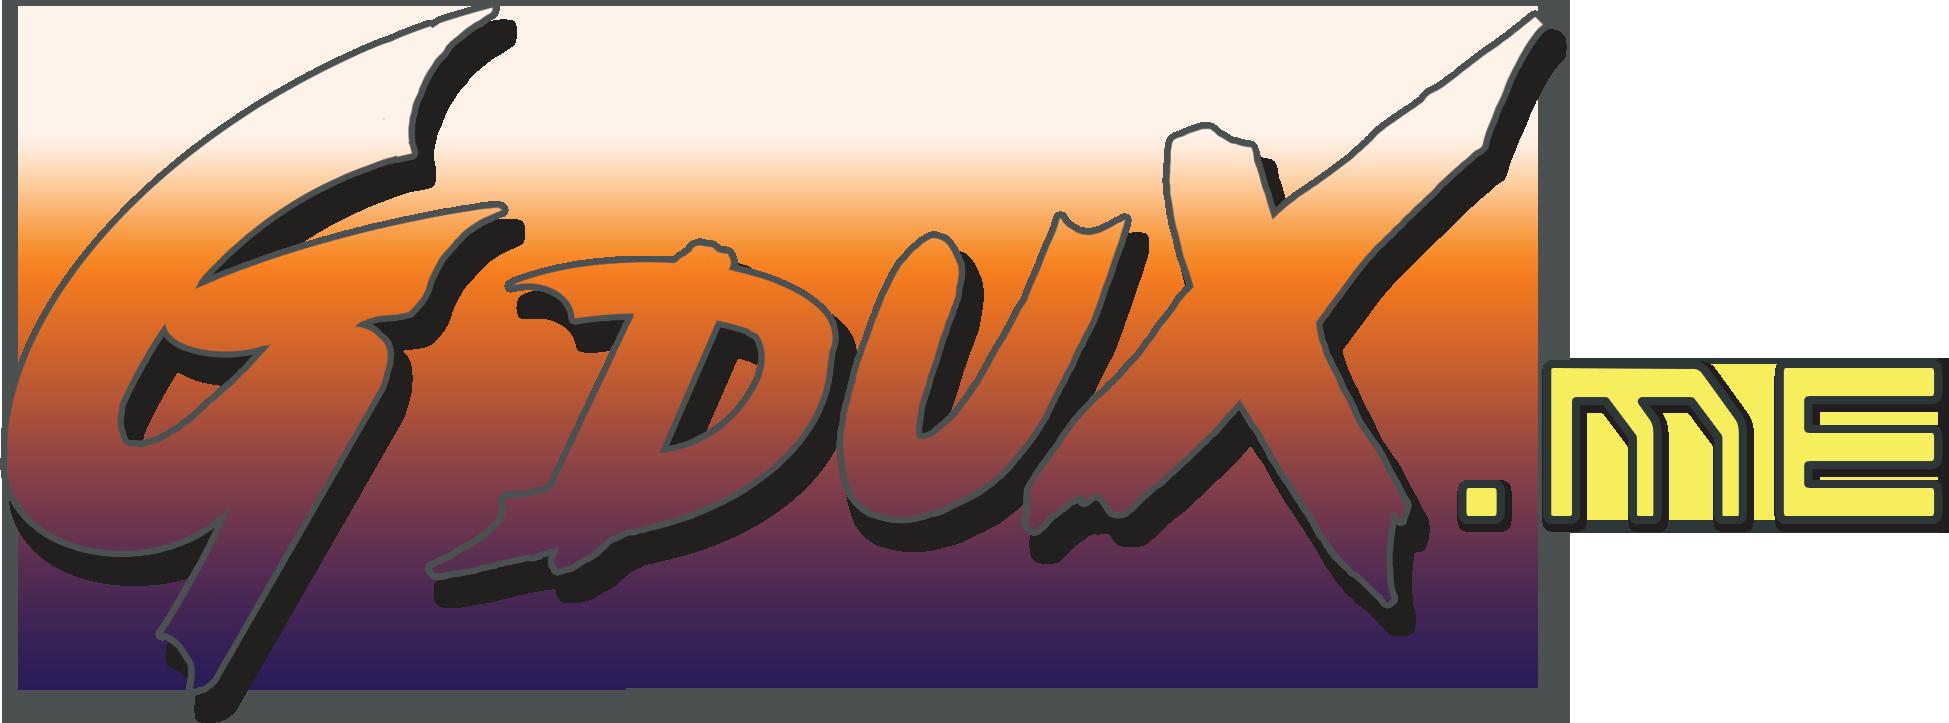 GduX logo_01.png